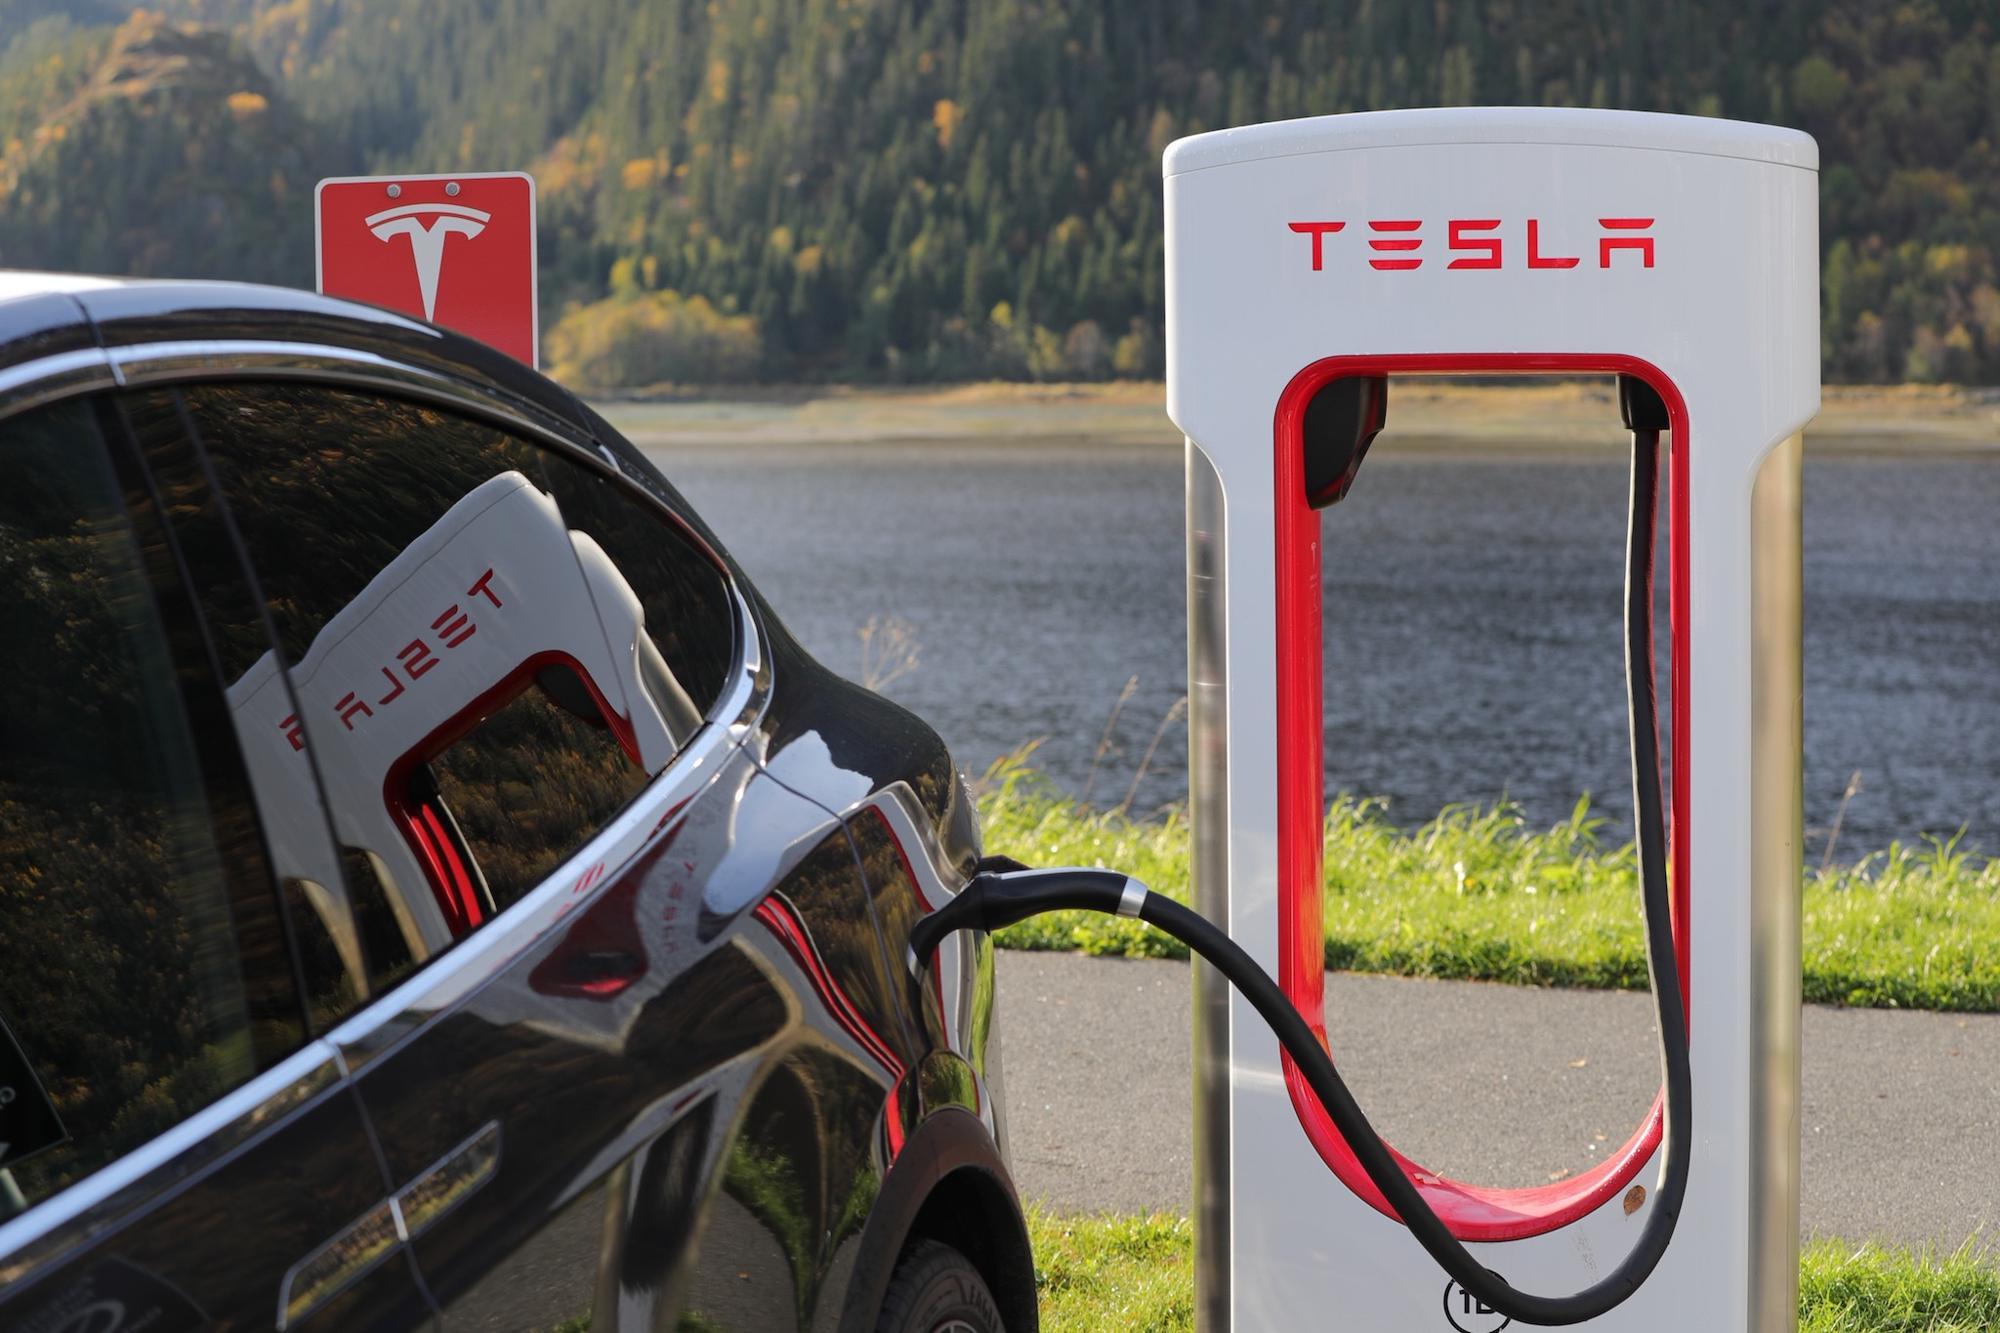 Tesla on charge